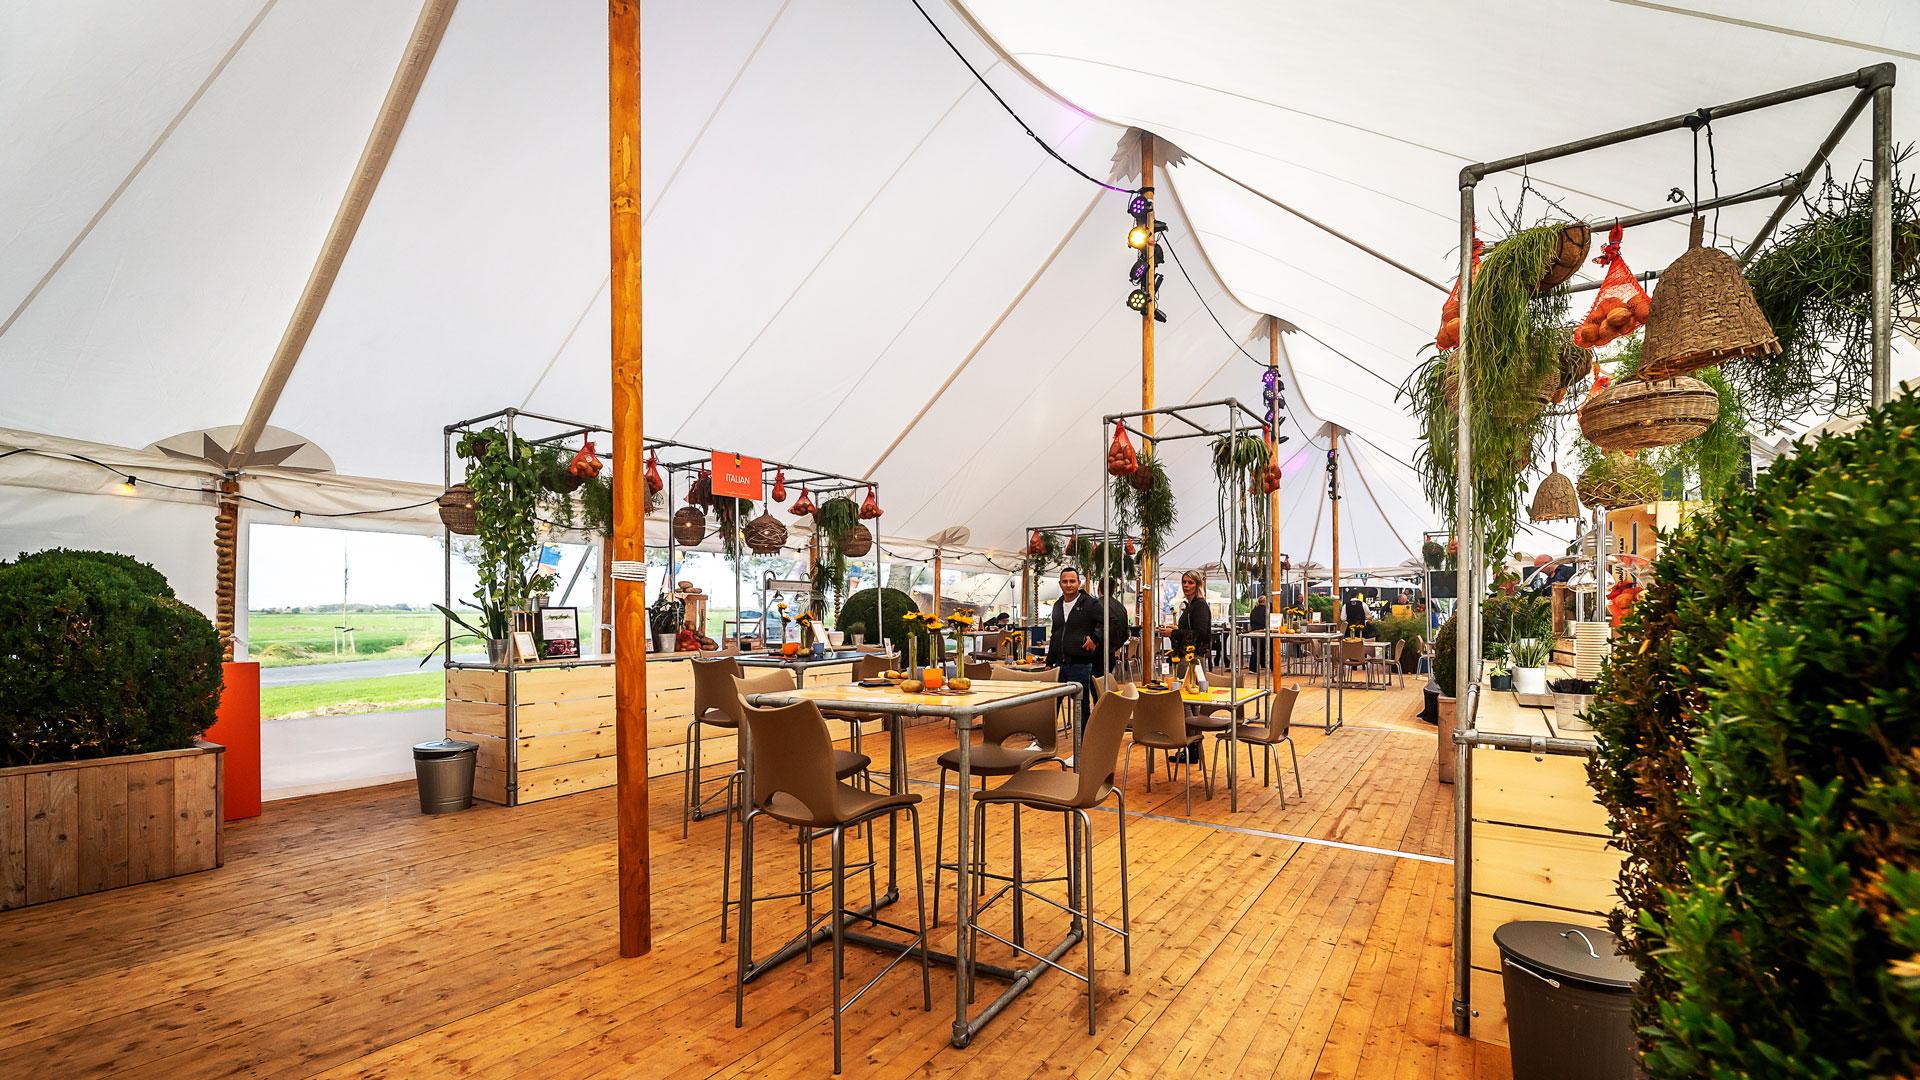 alphatentevent-luxury-dream-tent-10x28-meter-interieur-houten-vloer-web